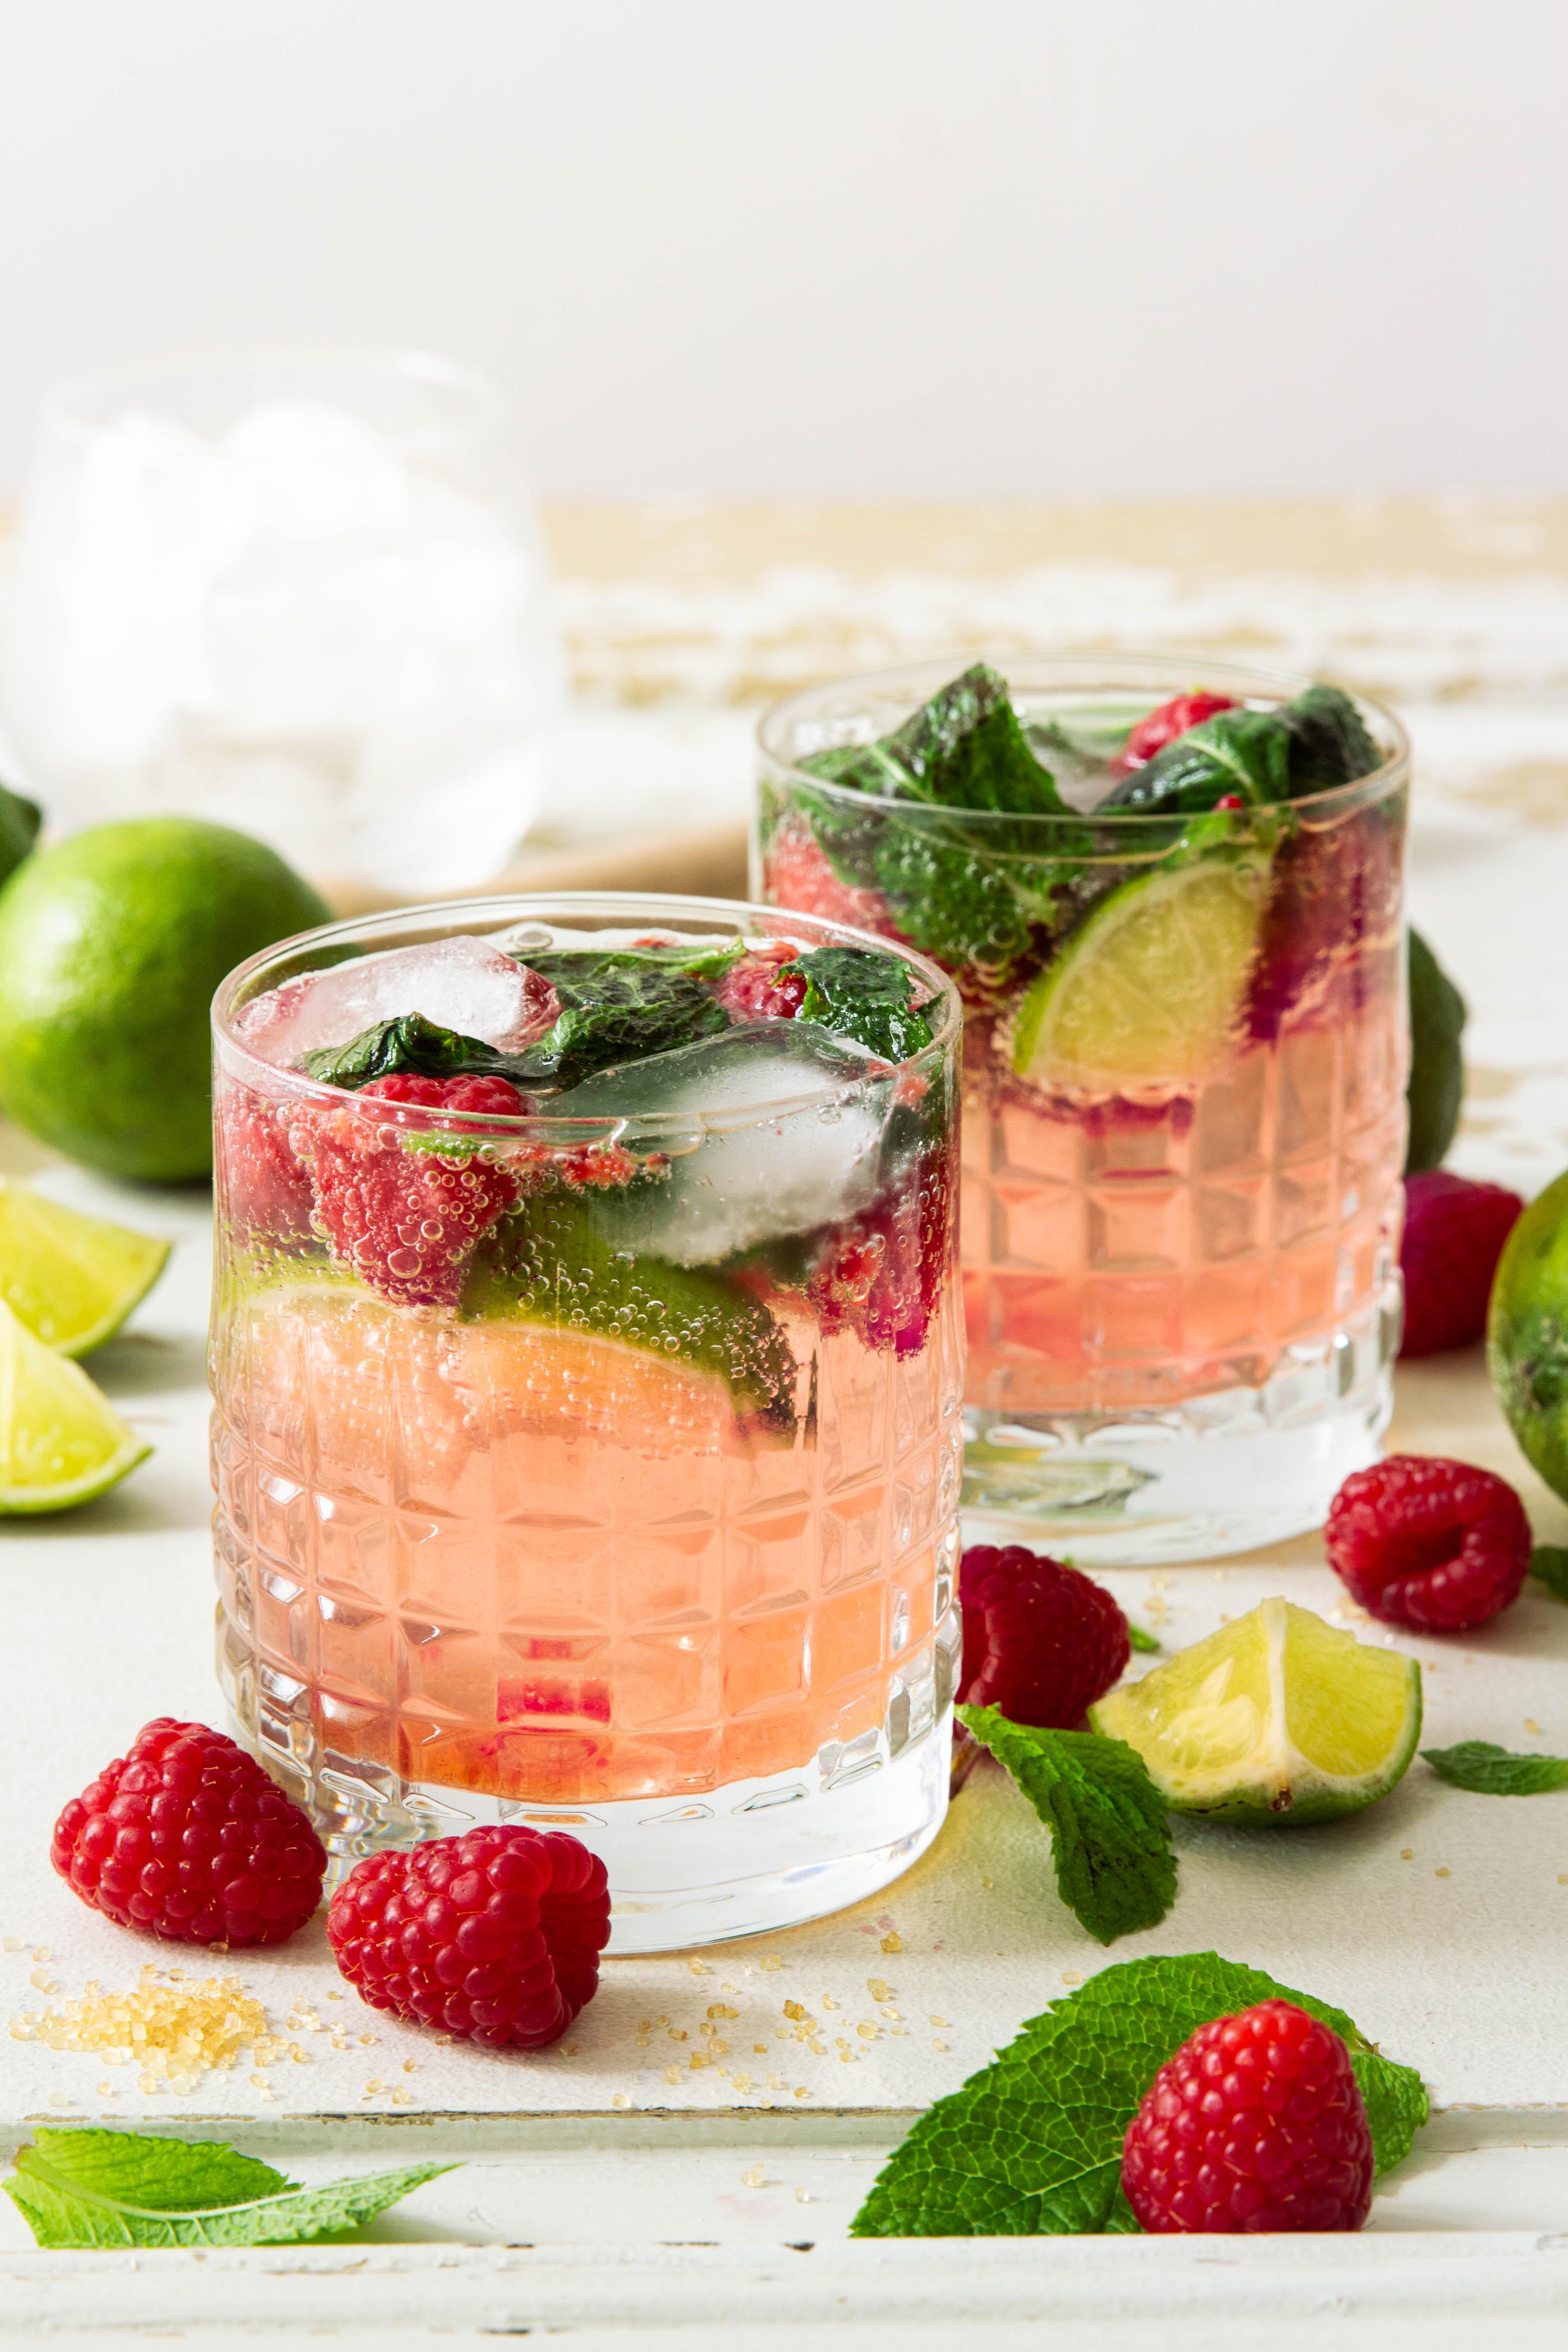 Mojito aux framboises et citron vert - cuban cocktail photography